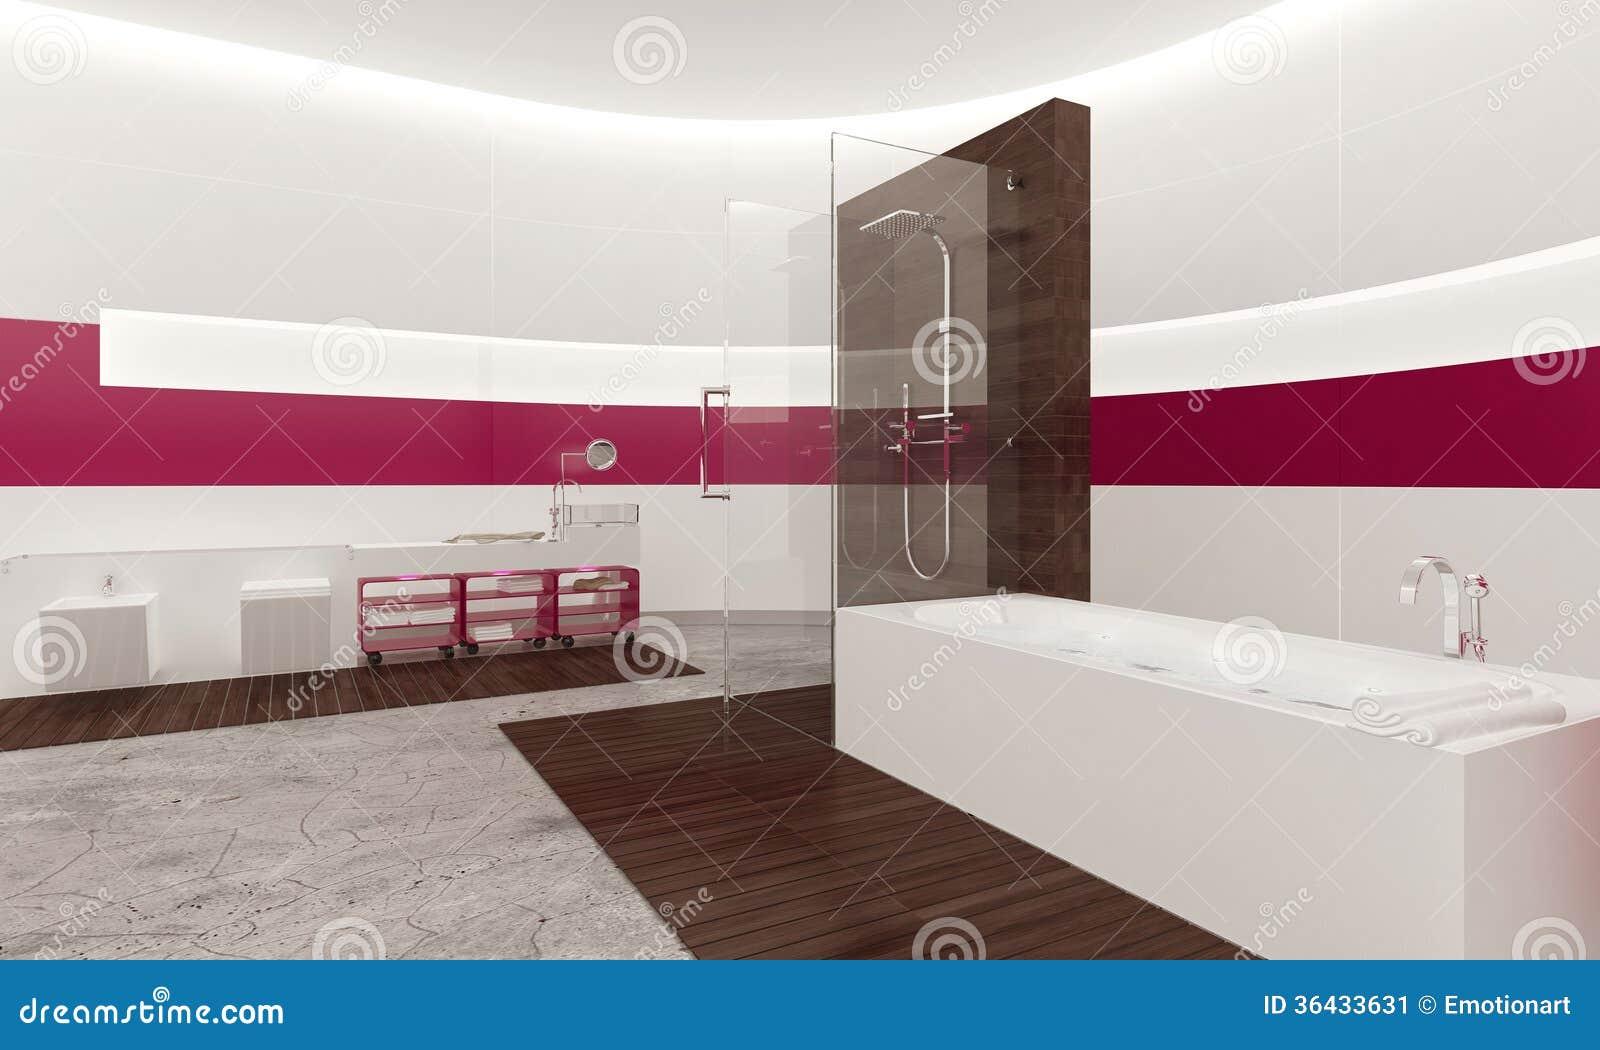 do interior branco e cor de rosa contemporâneo moderno do banheiro #82A328 1300x870 Banheiro Branco E Rosa